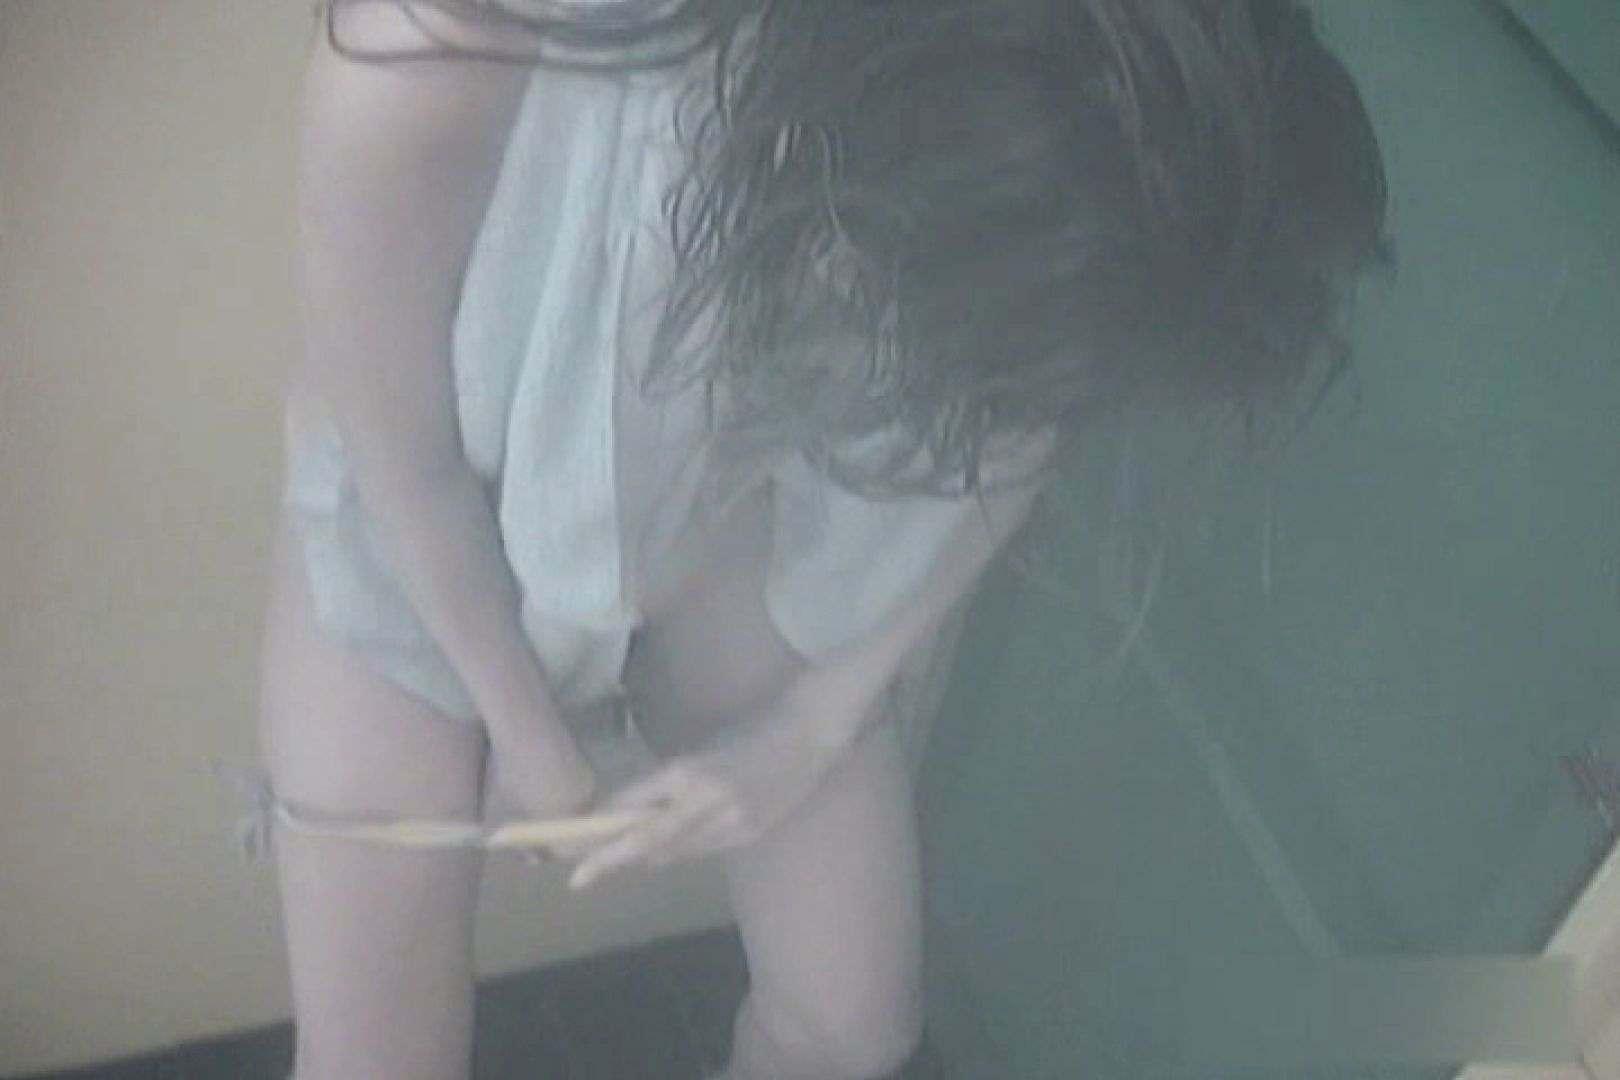 夏海シャワー室!ベトベトお肌をサラサラに!VOL.07 エロティックなOL | シャワー室  104画像 1